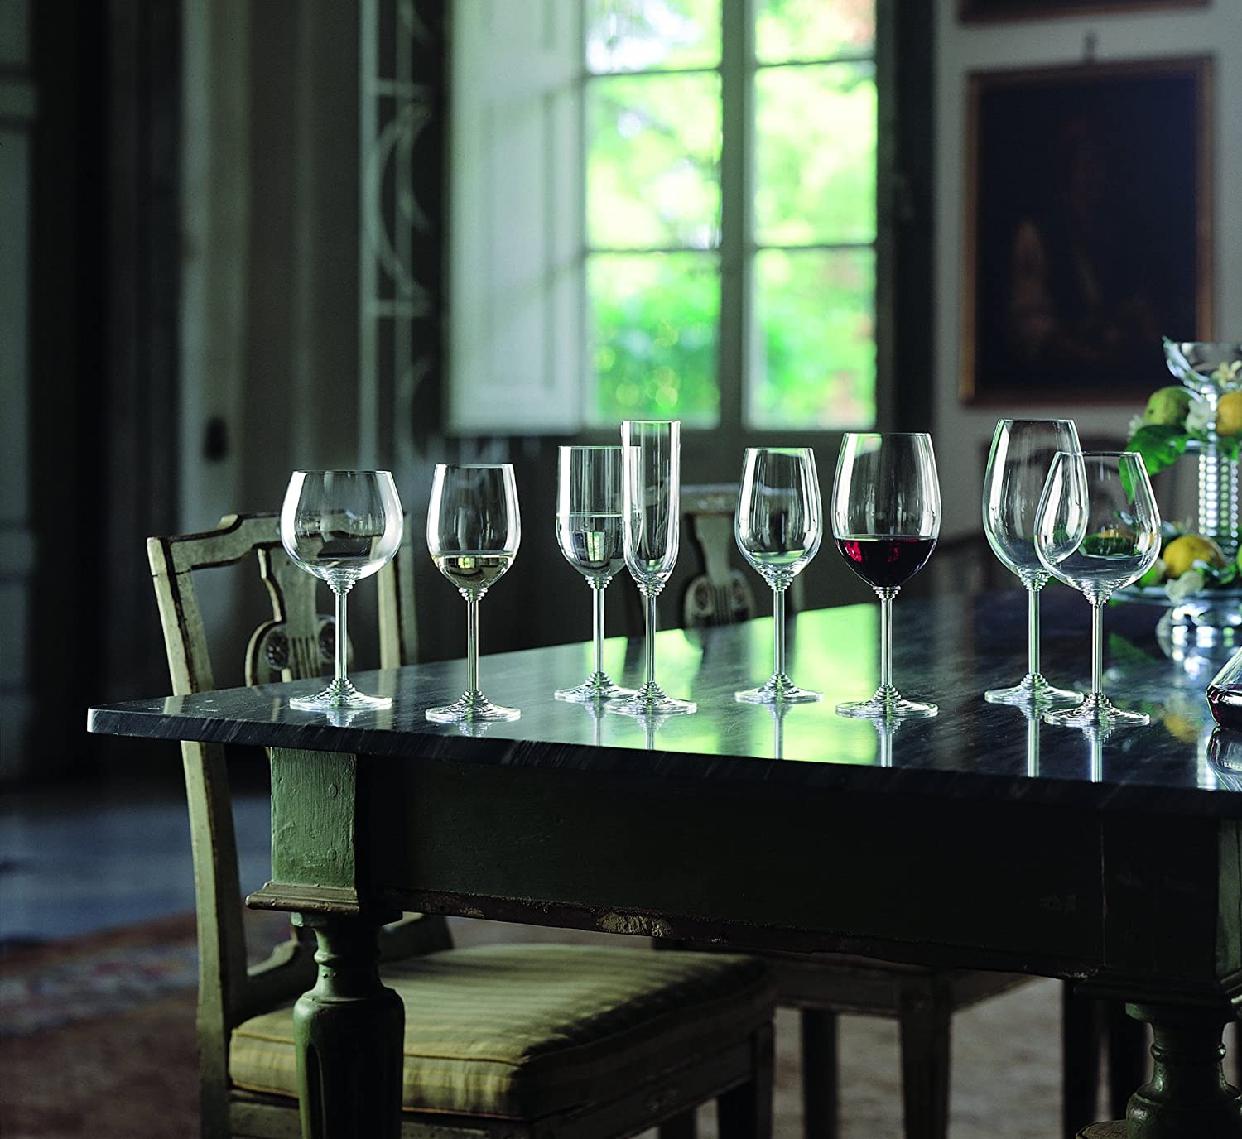 RIEDEL(リーデル) <ワイン> カベルネ/メルロ(2個入) 6448/0の商品画像6